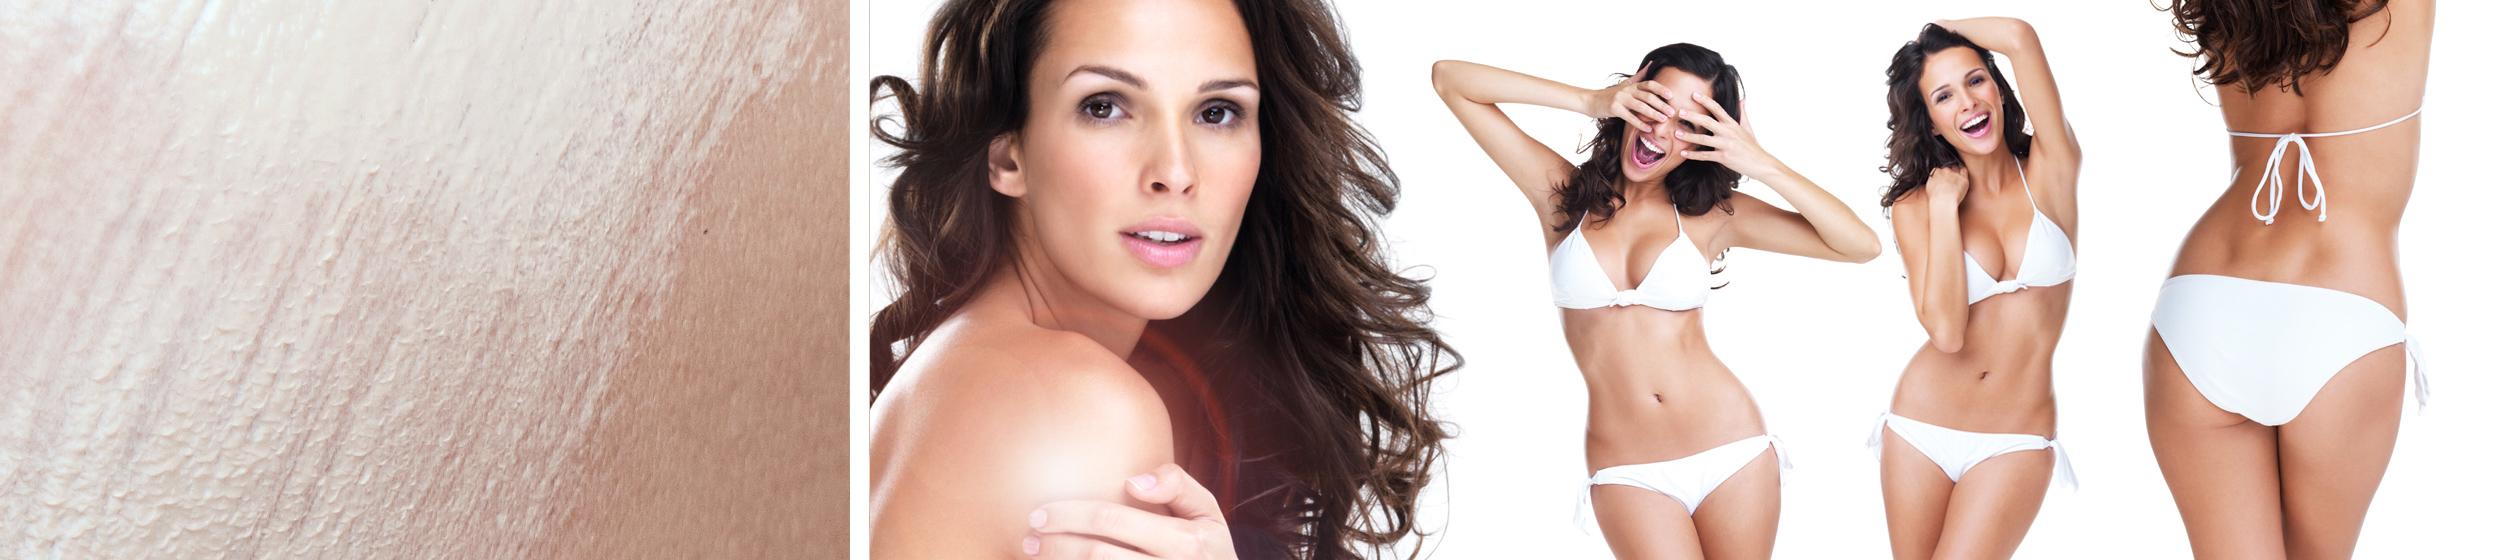 身体:防止肌肤老化